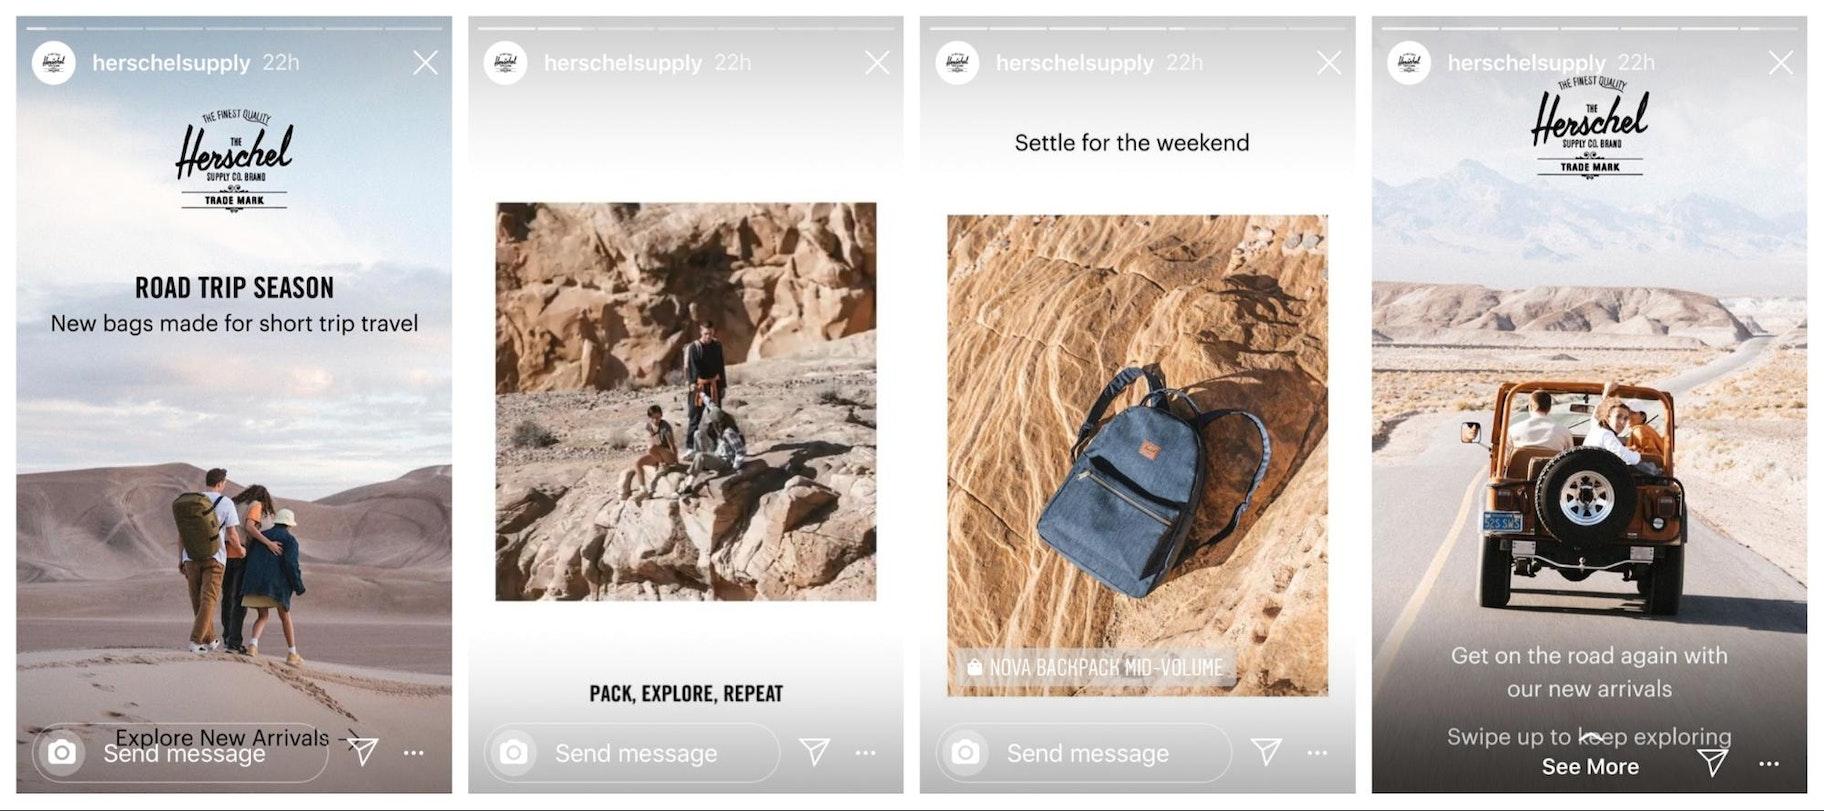 Herschel Instagram Story Design Example